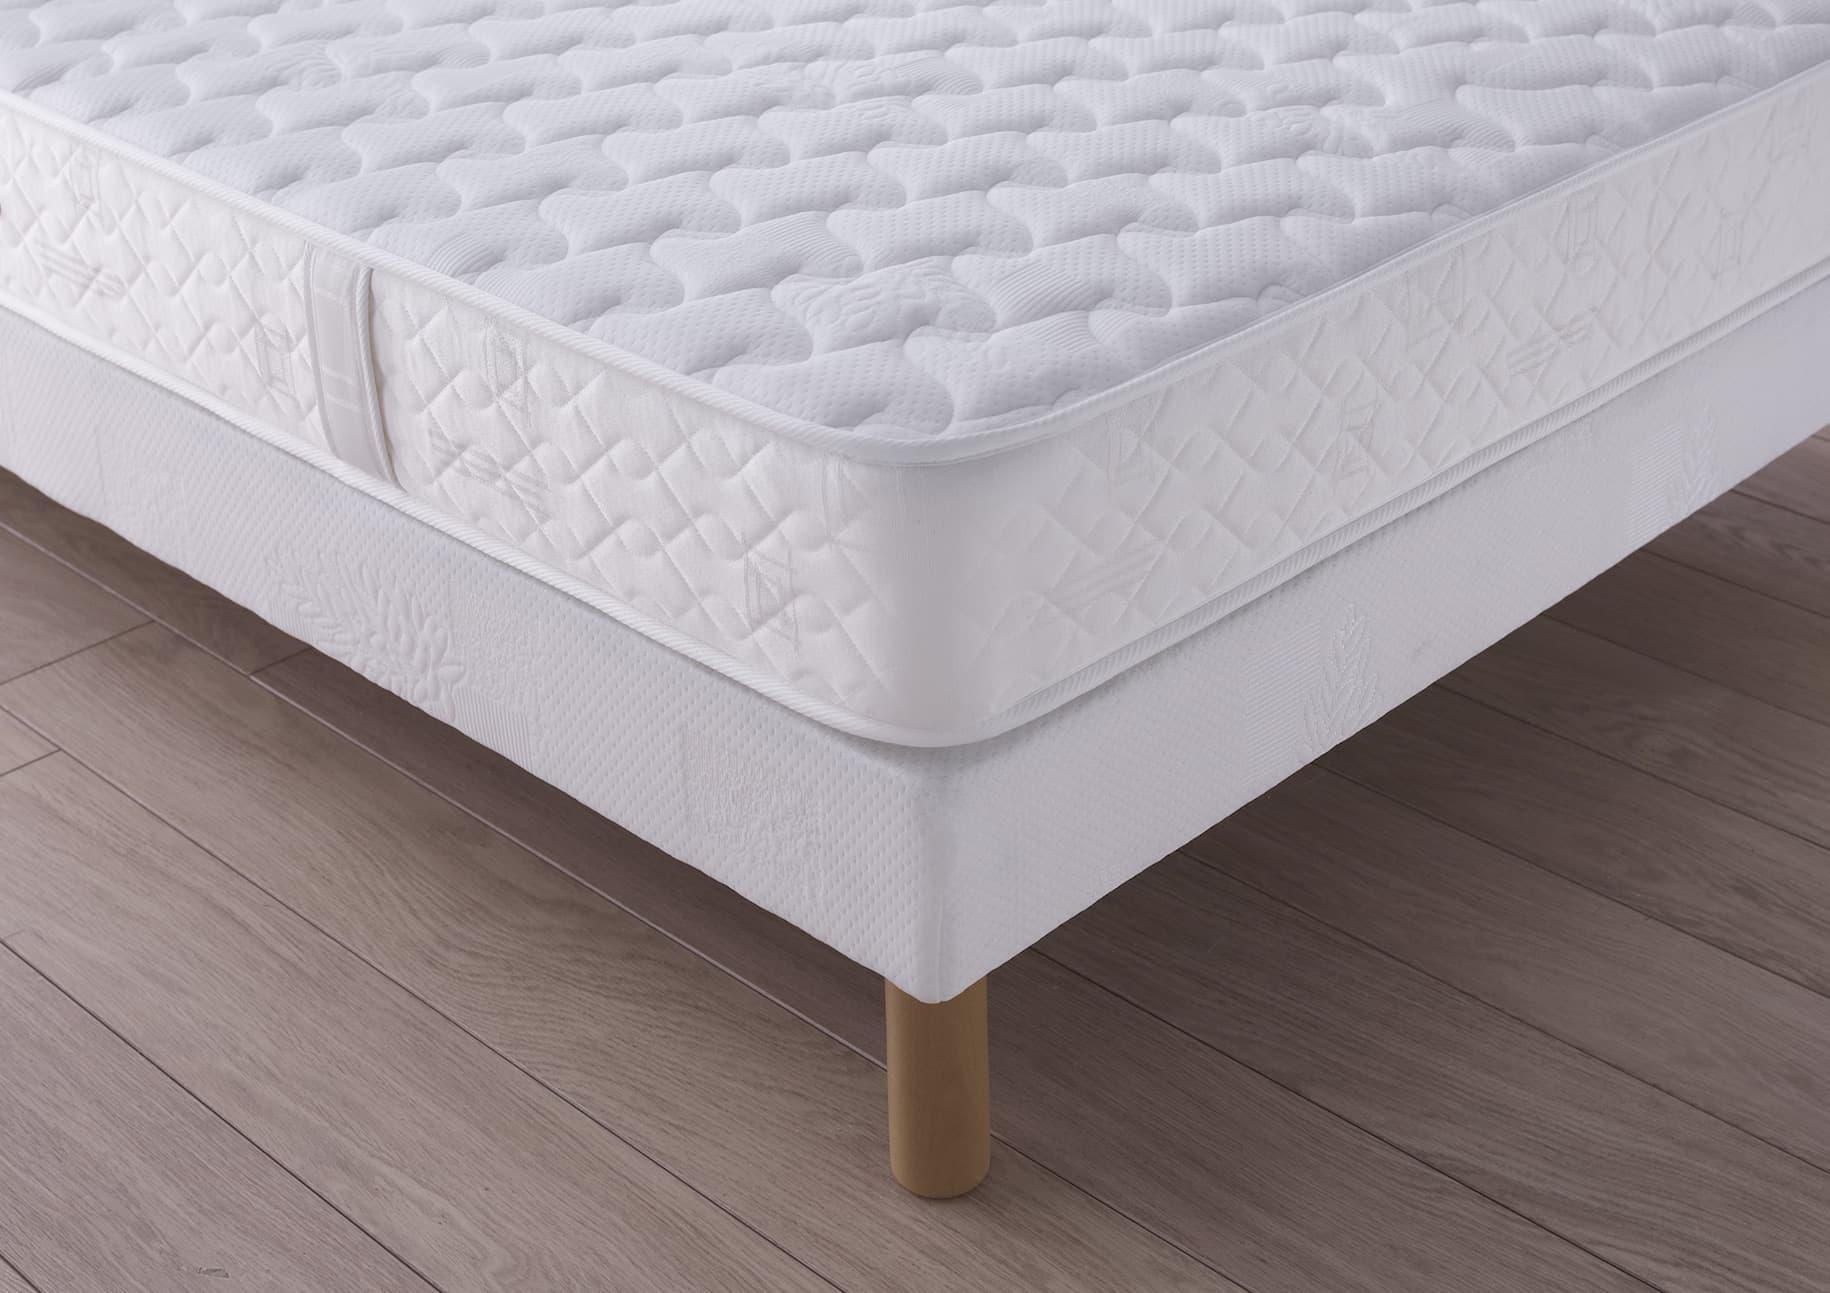 chambre matelas ressort ensach soutien ferme accueil ferme. Black Bedroom Furniture Sets. Home Design Ideas